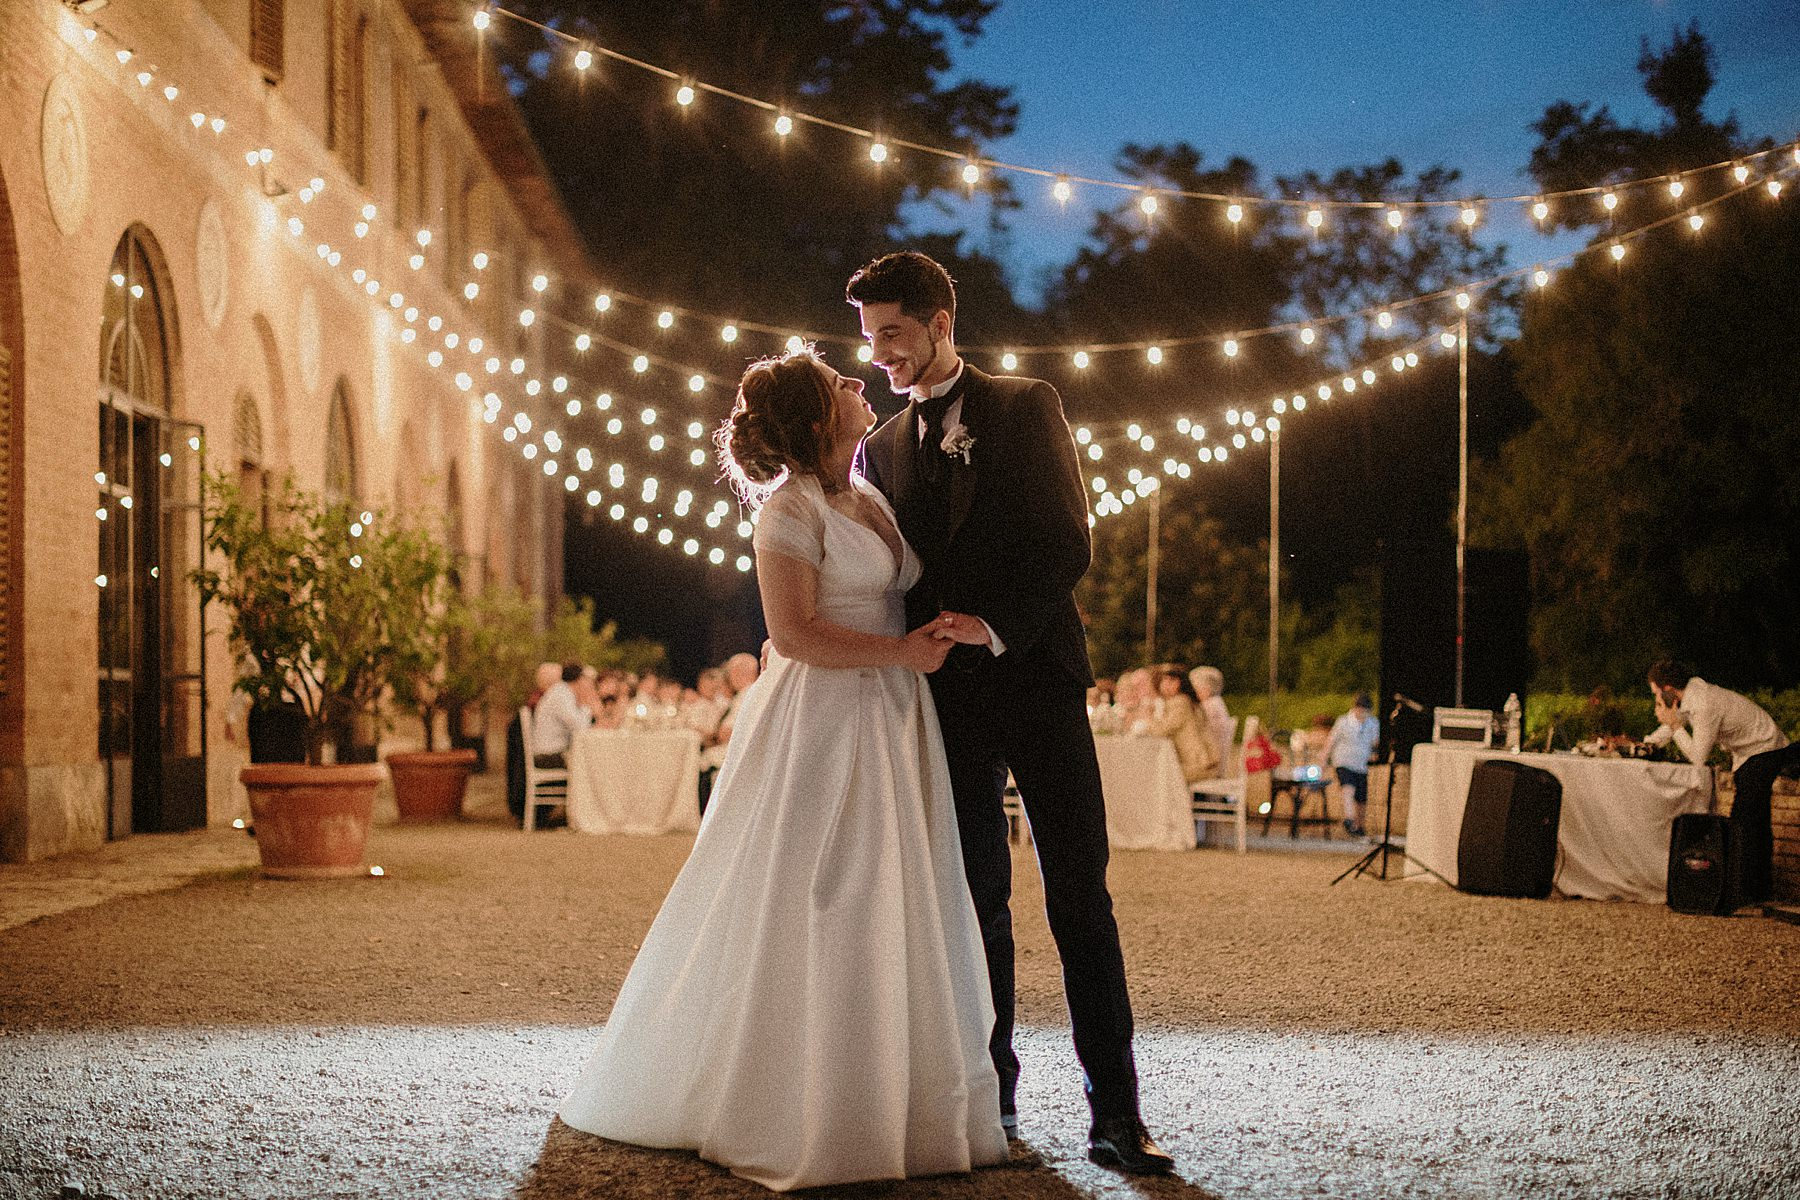 matrimonio tenuta bichi borghesi monteriggioni 3061